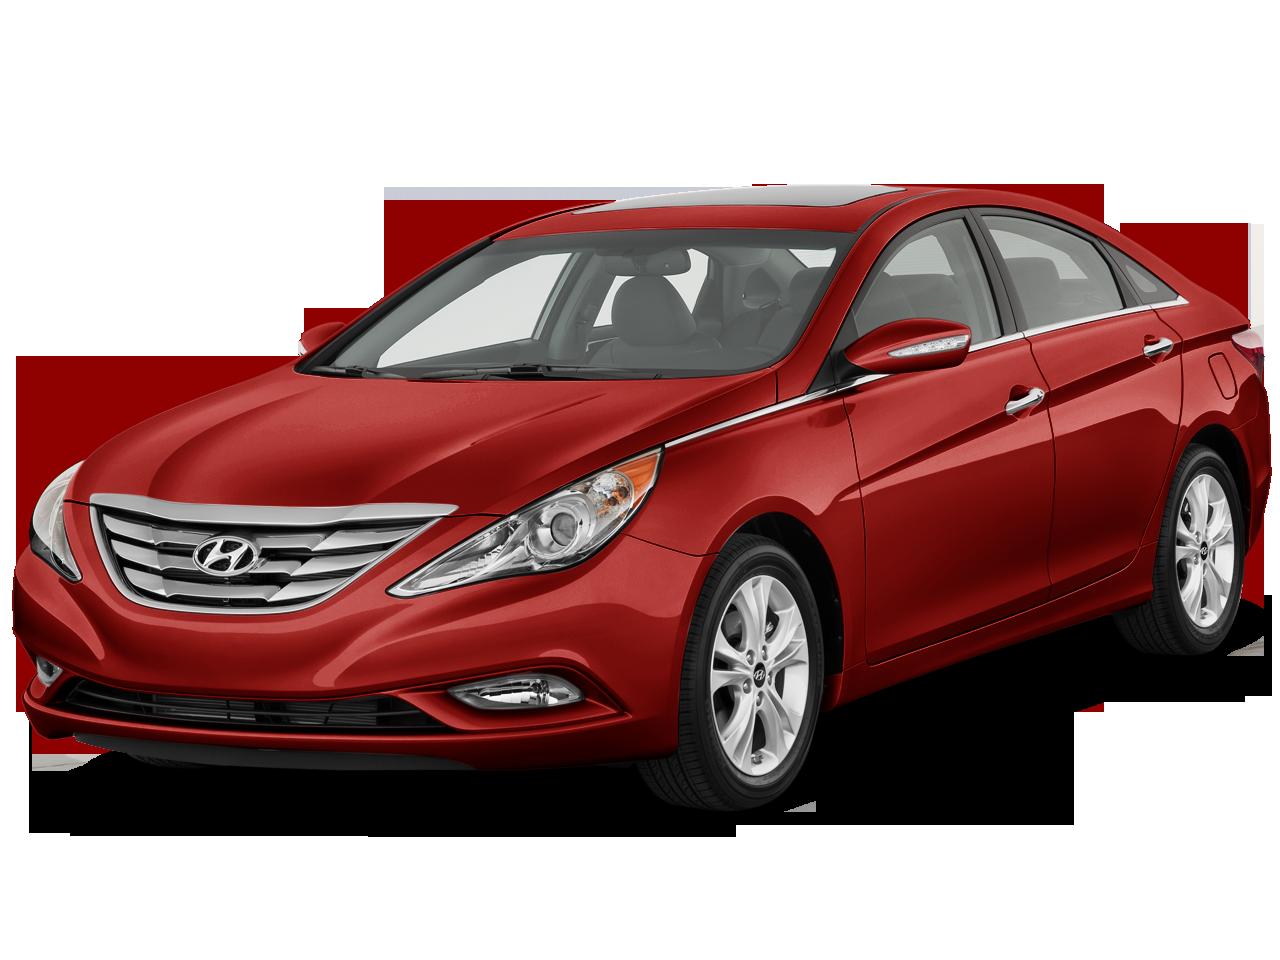 Used One-owner 2014 Hyundai Sonata Se